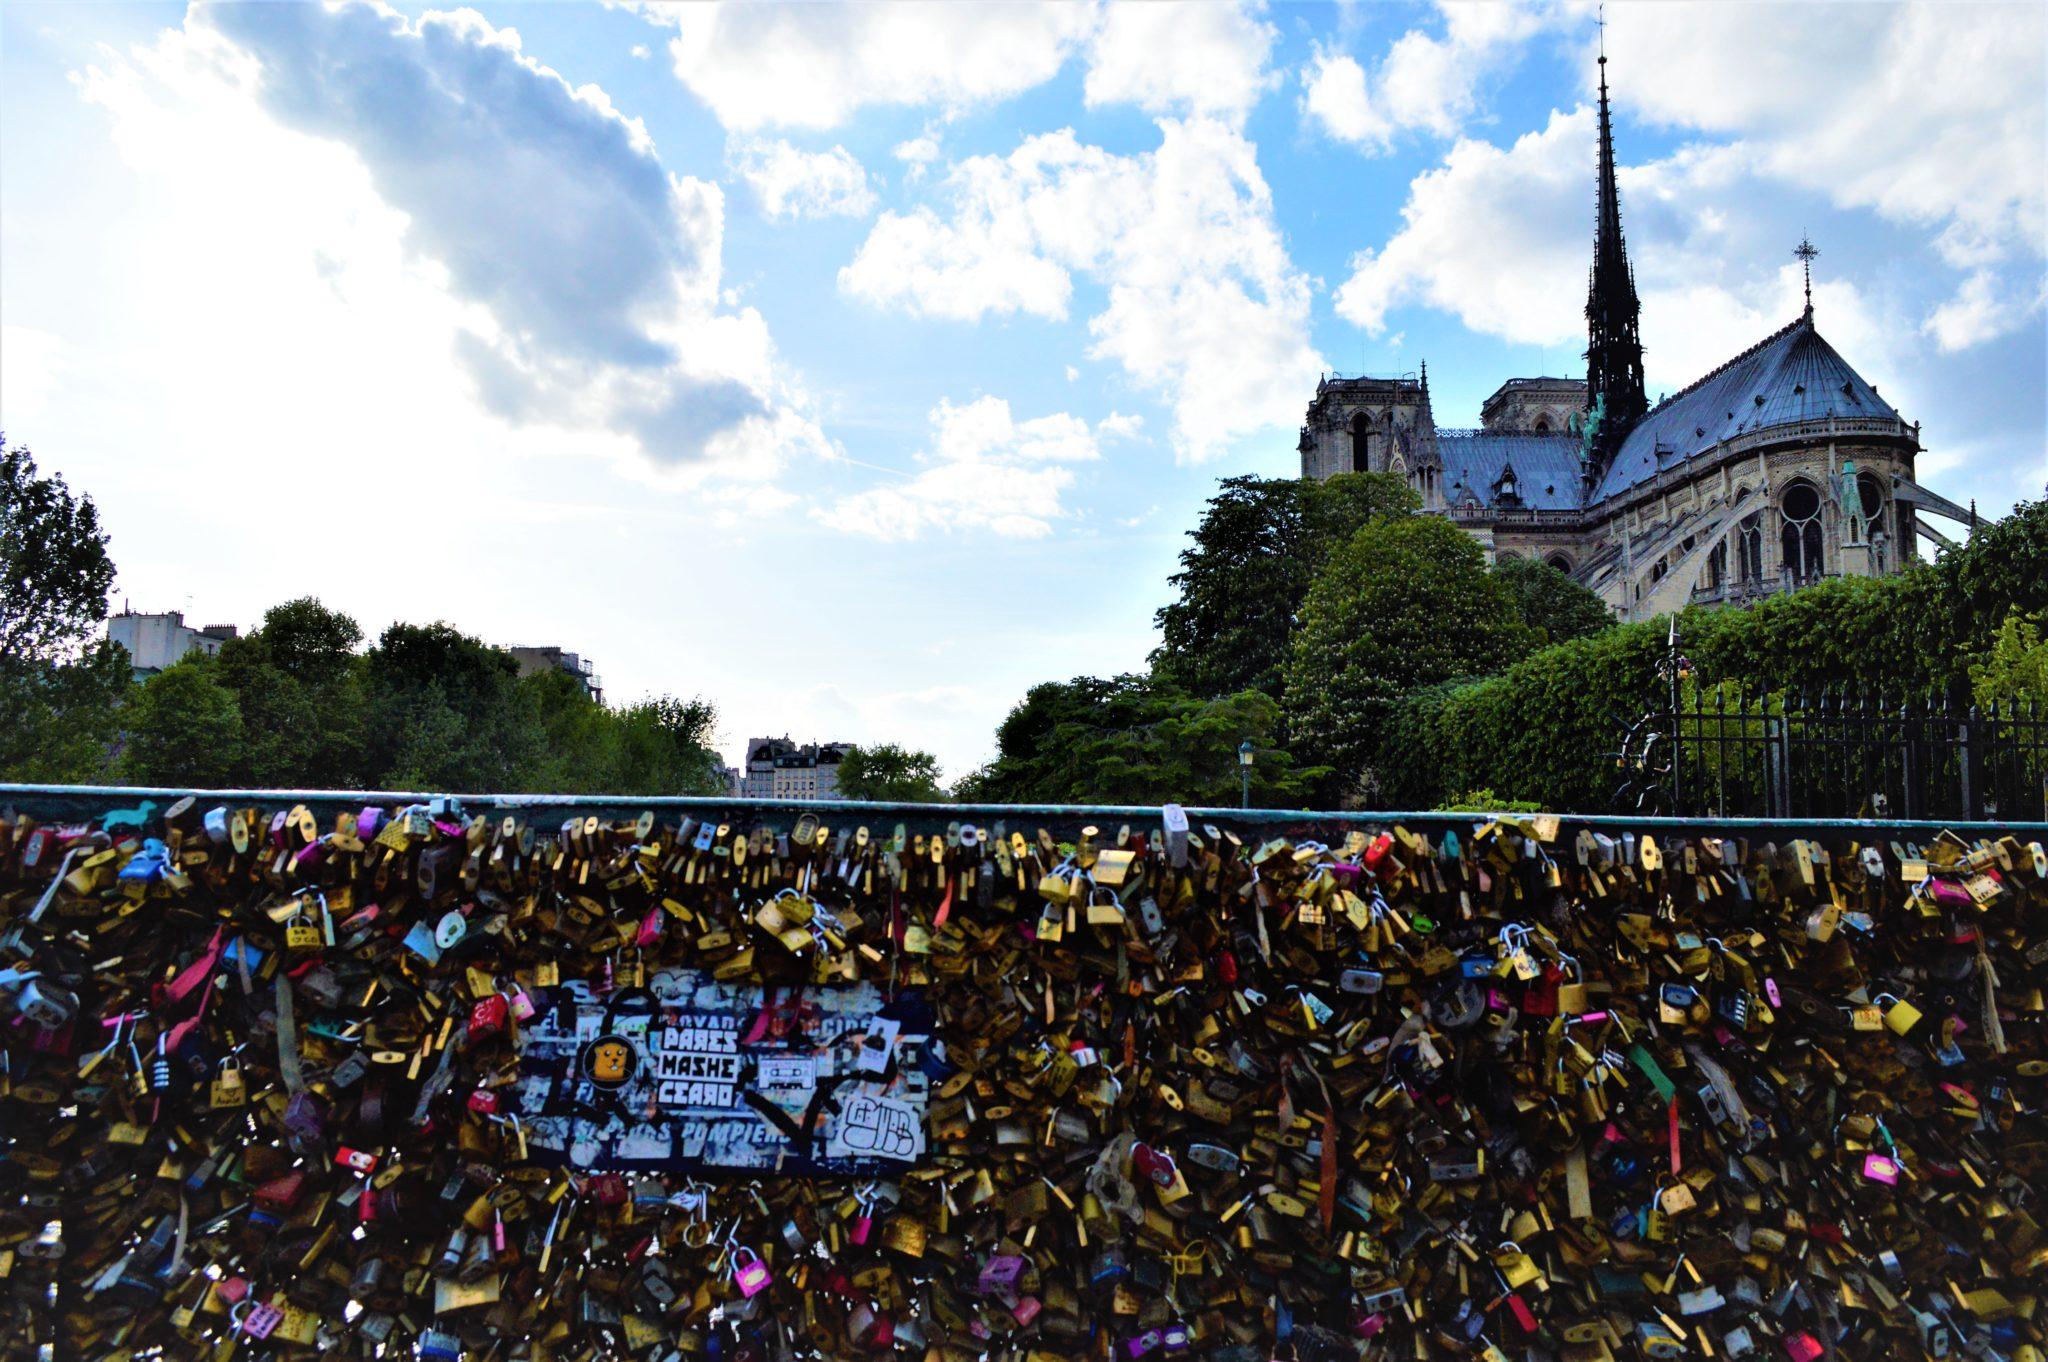 3 days in Paris Love Lock Bridge locks, Paris, France